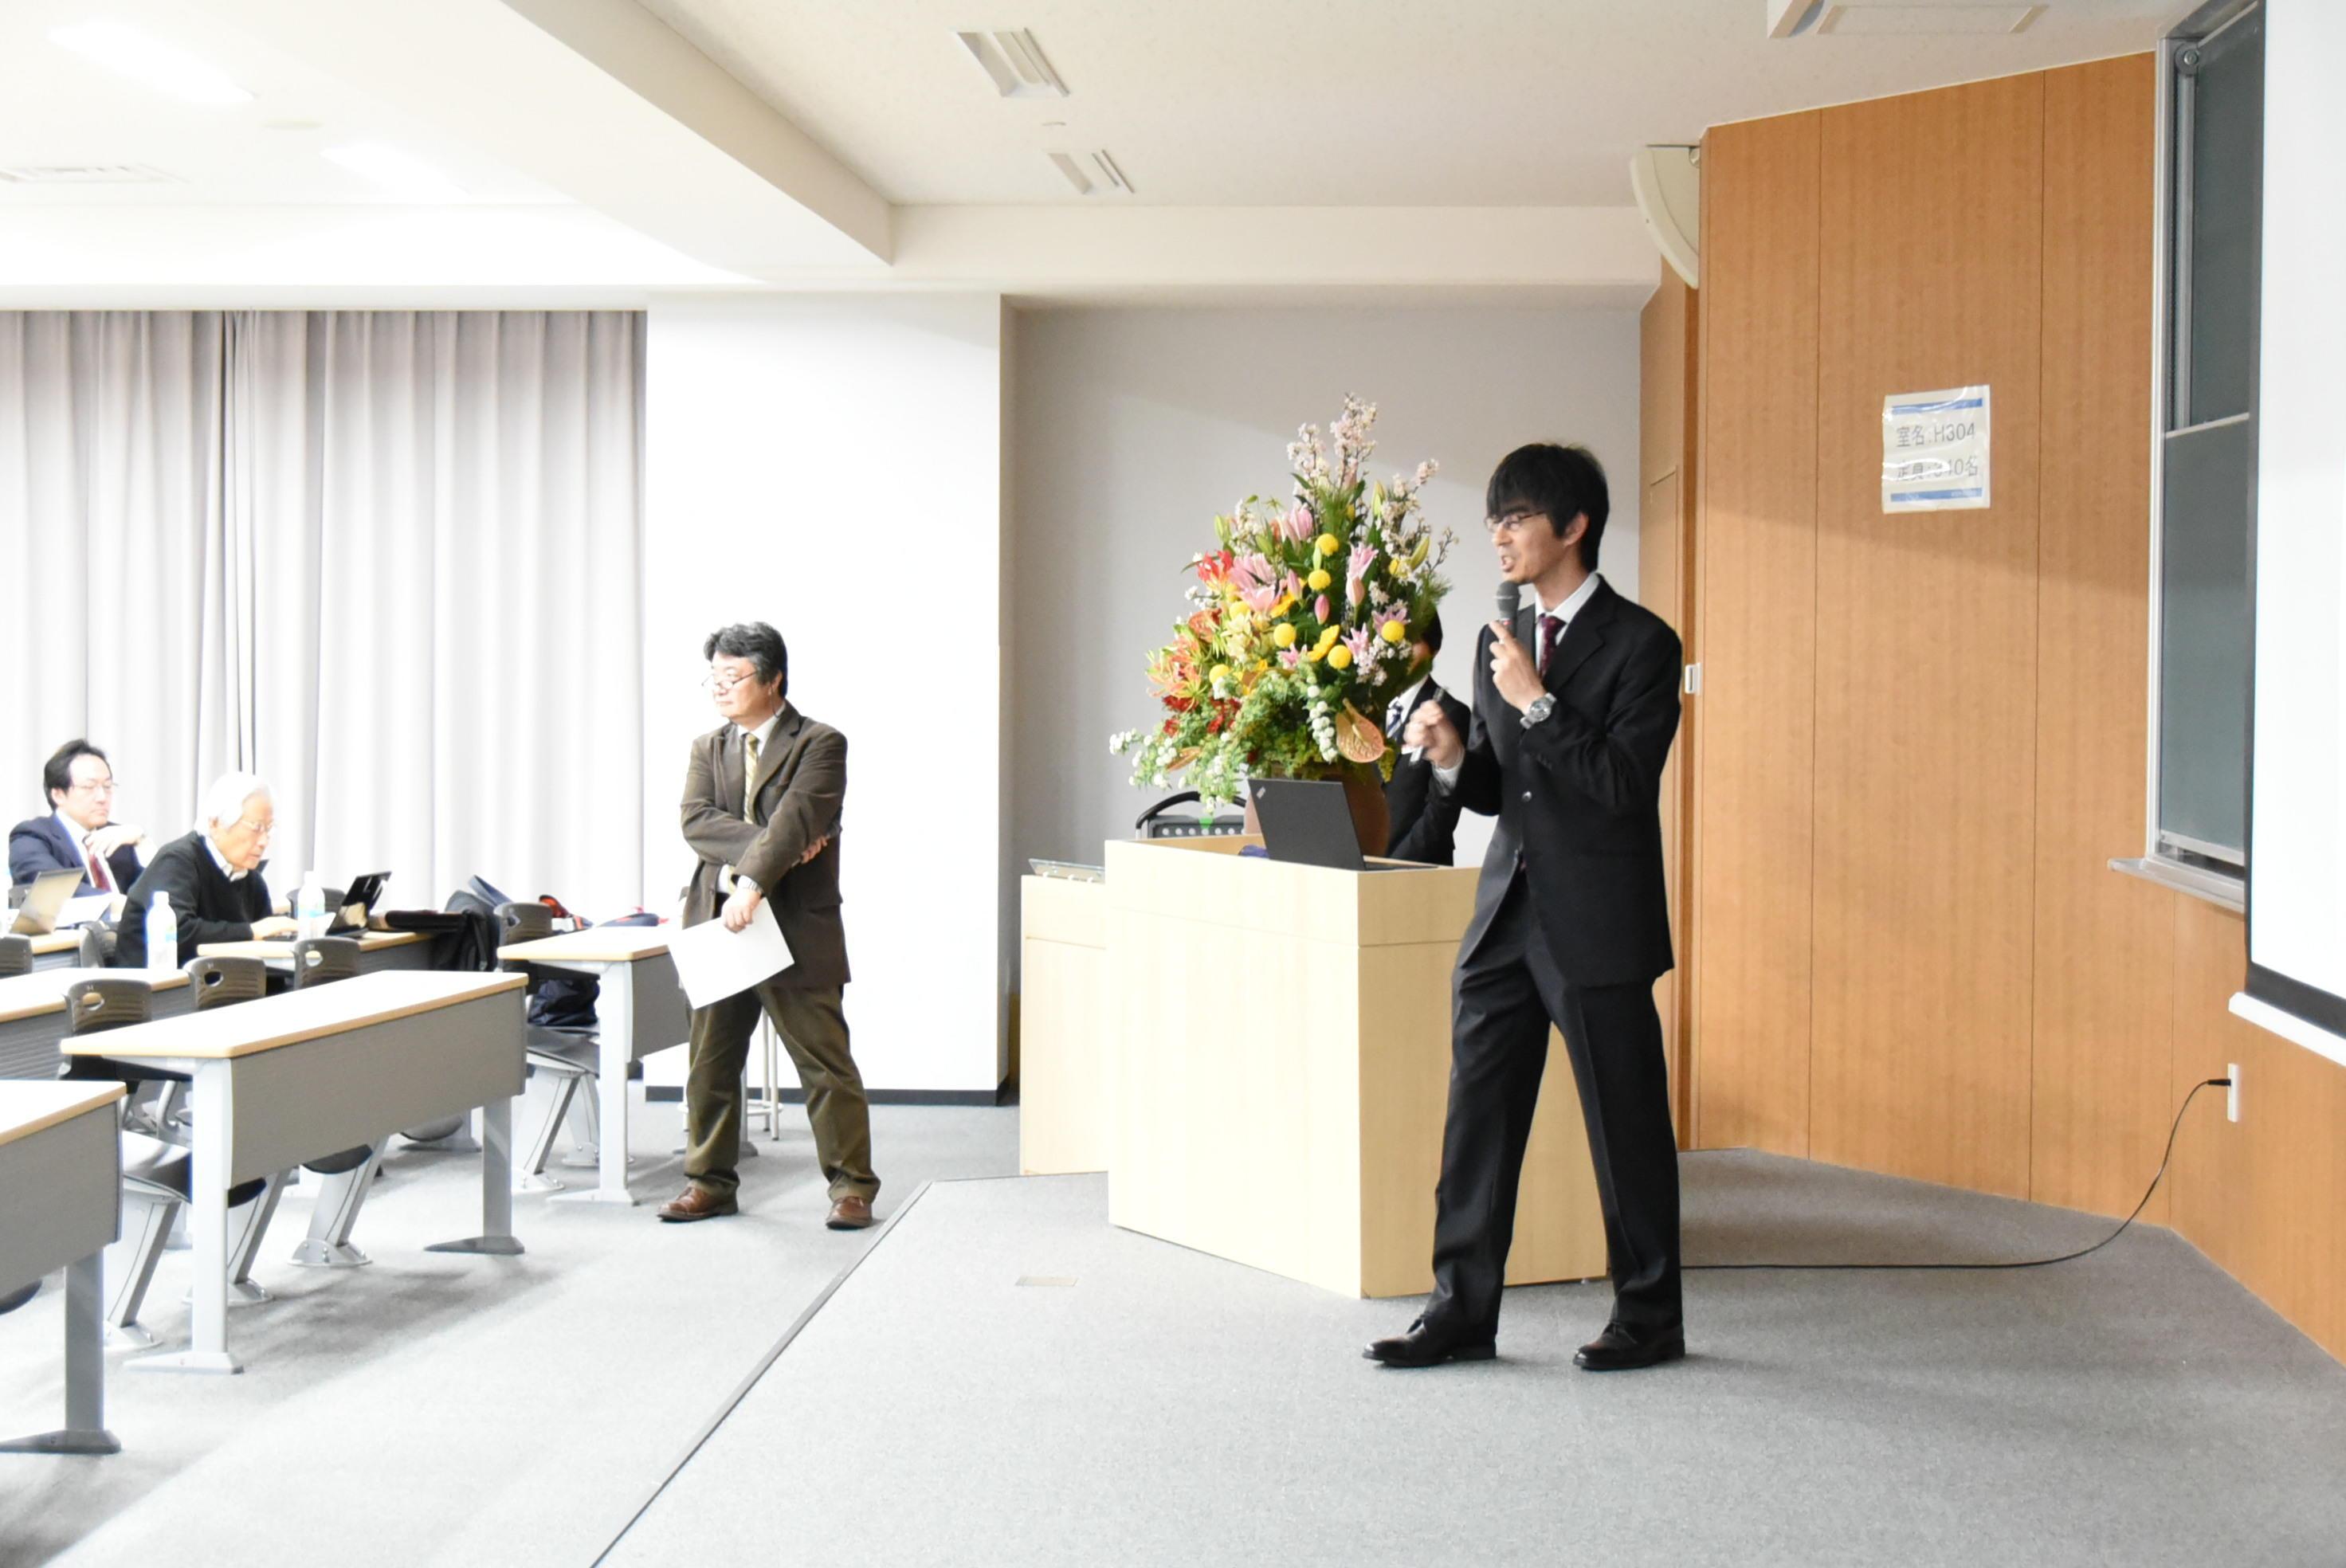 光デバイス研究センター長の竹内教授の研究発表